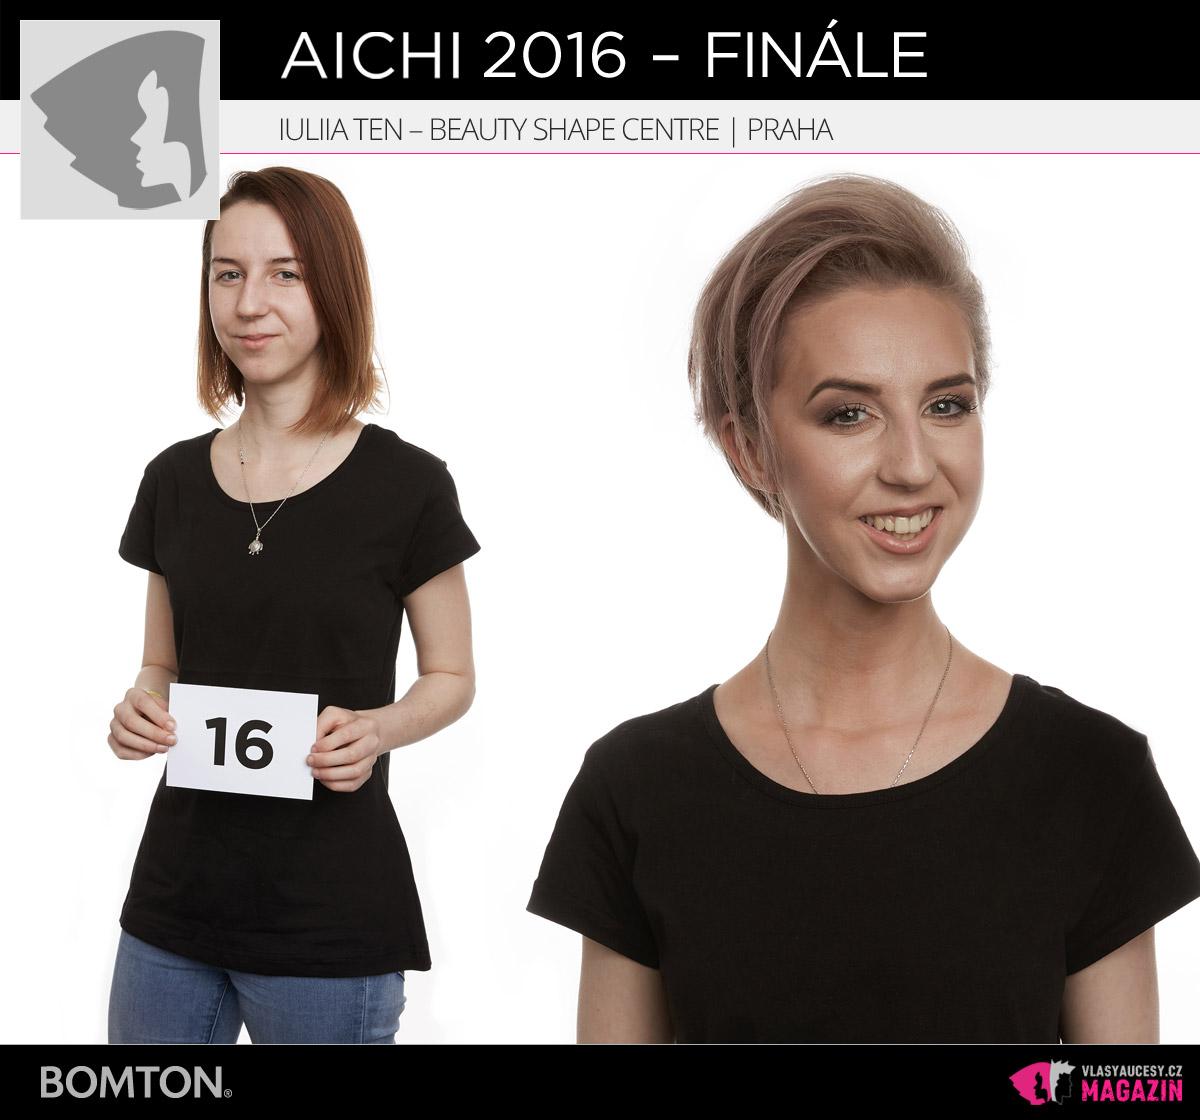 Iuliia Ten – Beauty Shape Centre, Praha | Proměny AICHI 2016 – postupující do finálového kola